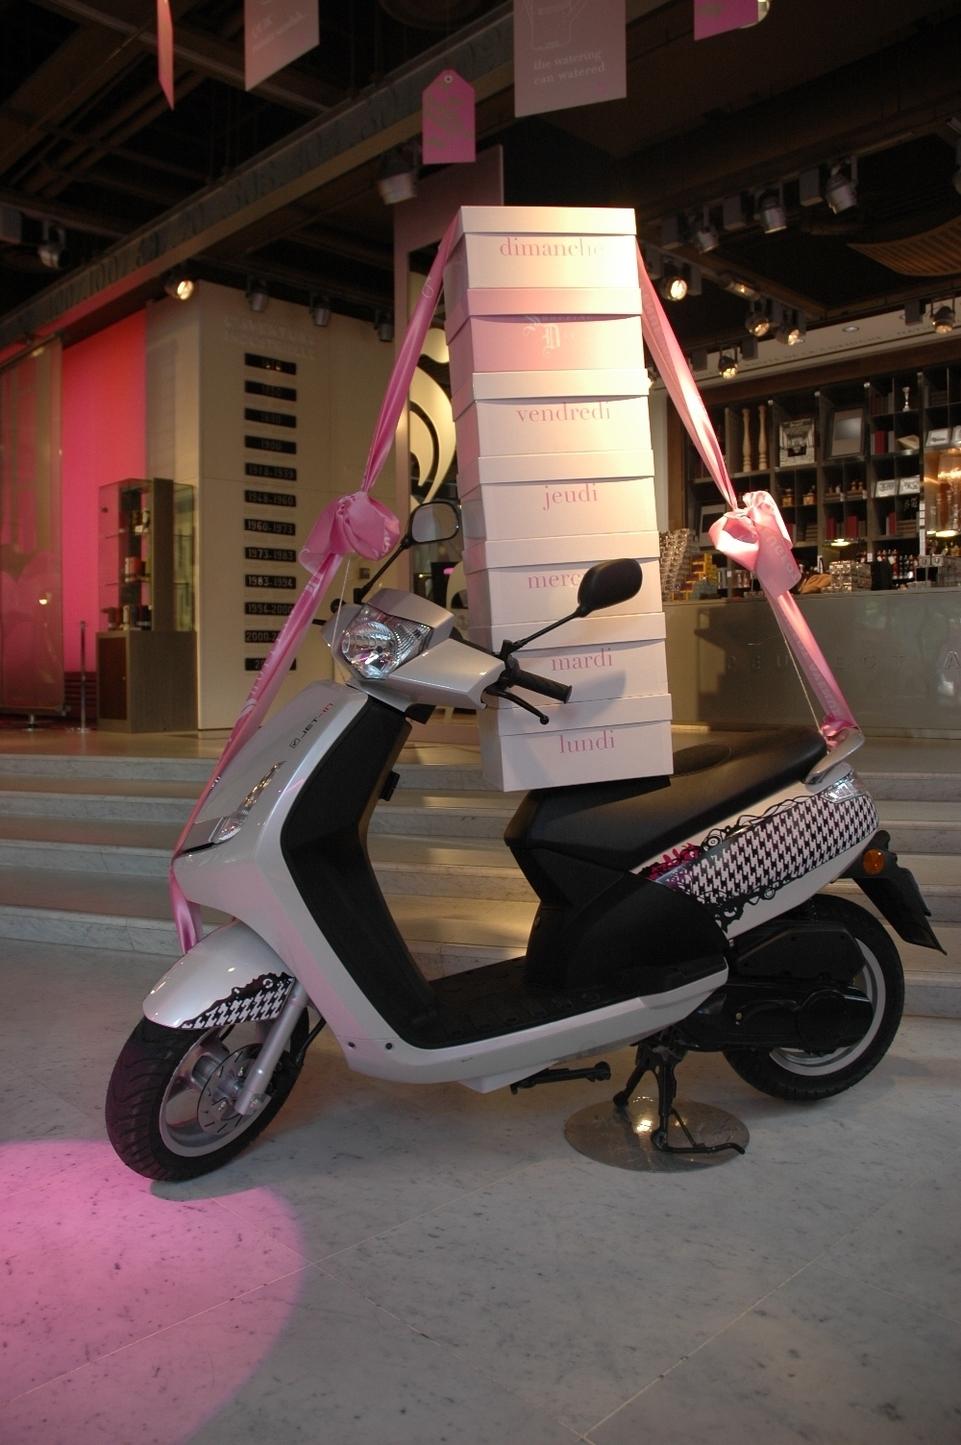 Peugeot s'expose à Paris